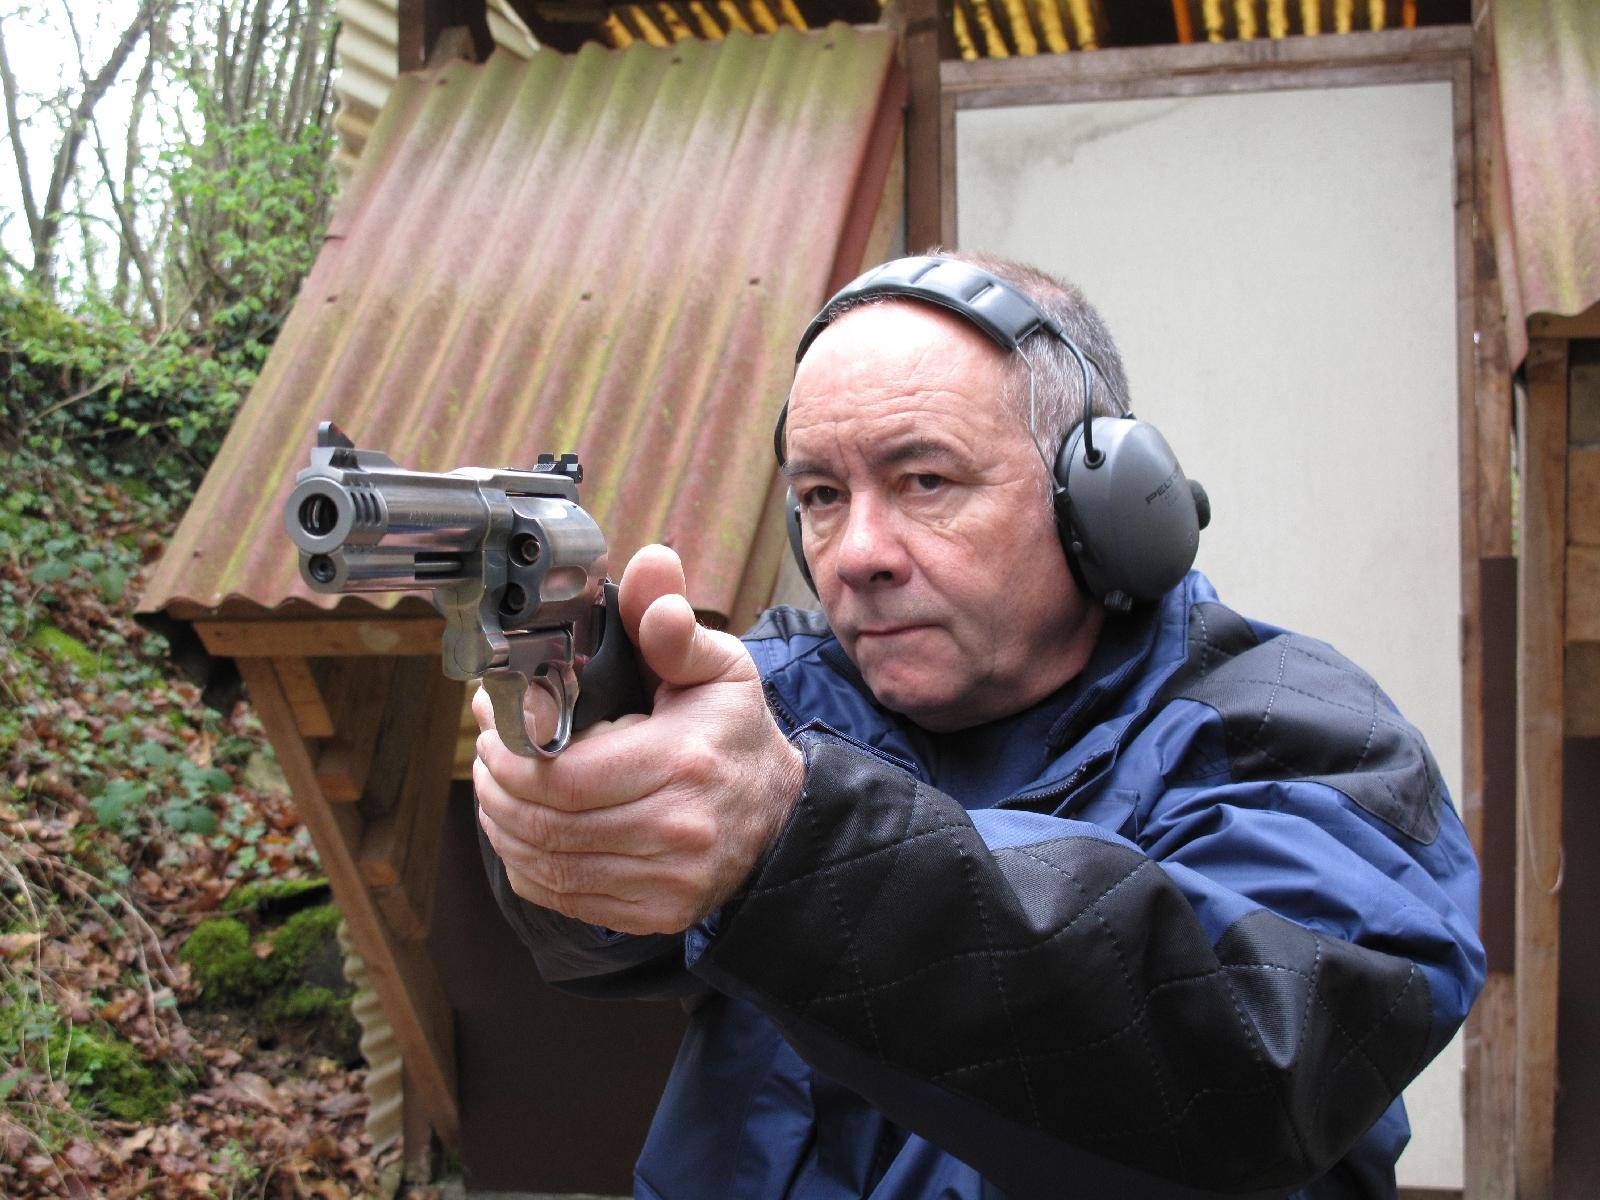 Revolver Smith & Wesson modèle 460 XVR en calibre .460 Magnum, lors de notre banc d'essai réalisé en 2011.